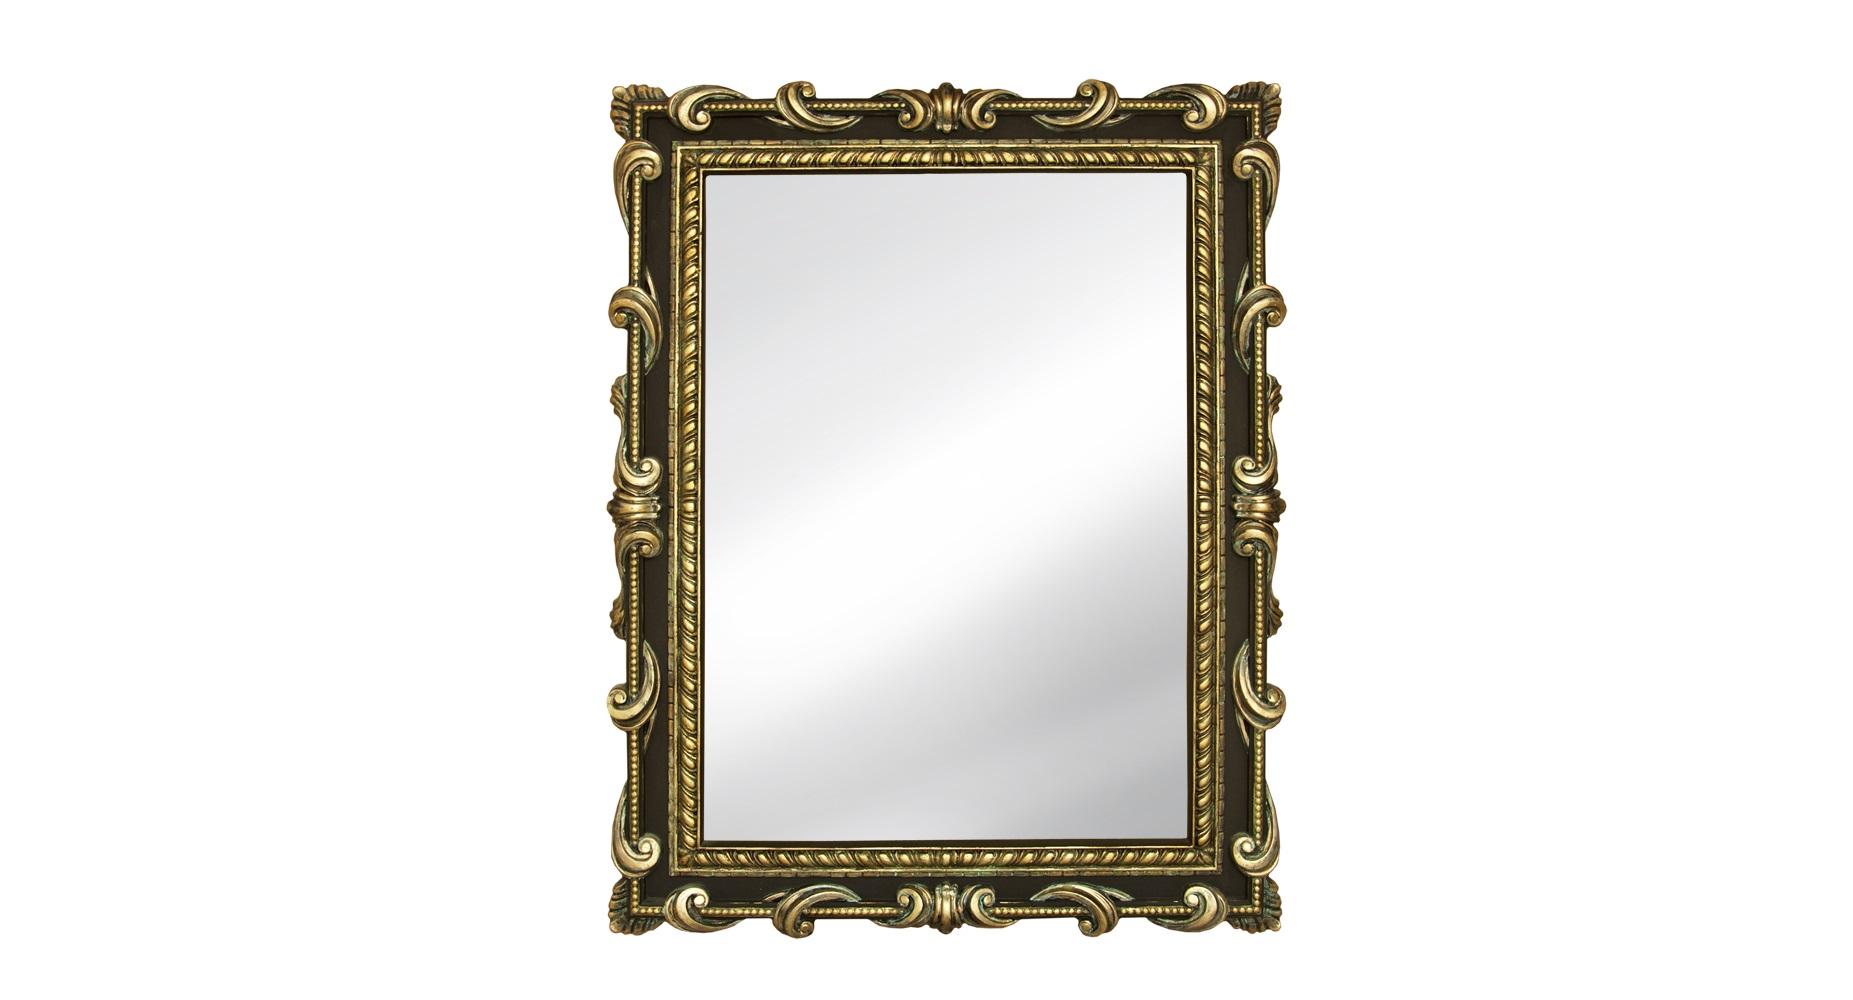 Зеркало ТЕНИАНастенные зеркала<br>&amp;lt;div&amp;gt;&amp;lt;div&amp;gt;Это изысканное зеркало украшено резными элементами в строгом классическом стиле. Каждый завиток выполнен вручную и окрашен по уникальной &amp;quot;винтажной&amp;quot; технологии. Рама изготовлена из современного композитного материала, который не боится влаги. Такой предмет интерьера можно разместить в помещении с высокой влажностью.&amp;lt;/div&amp;gt;&amp;lt;/div&amp;gt;&amp;lt;div&amp;gt;&amp;lt;br&amp;gt;&amp;lt;/div&amp;gt;&amp;lt;div&amp;gt;Цвет:&amp;amp;nbsp;Венге Золото Окись&amp;lt;/div&amp;gt;<br><br>Material: Полиуретан<br>Length см: None<br>Width см: 72<br>Depth см: 4<br>Height см: 94